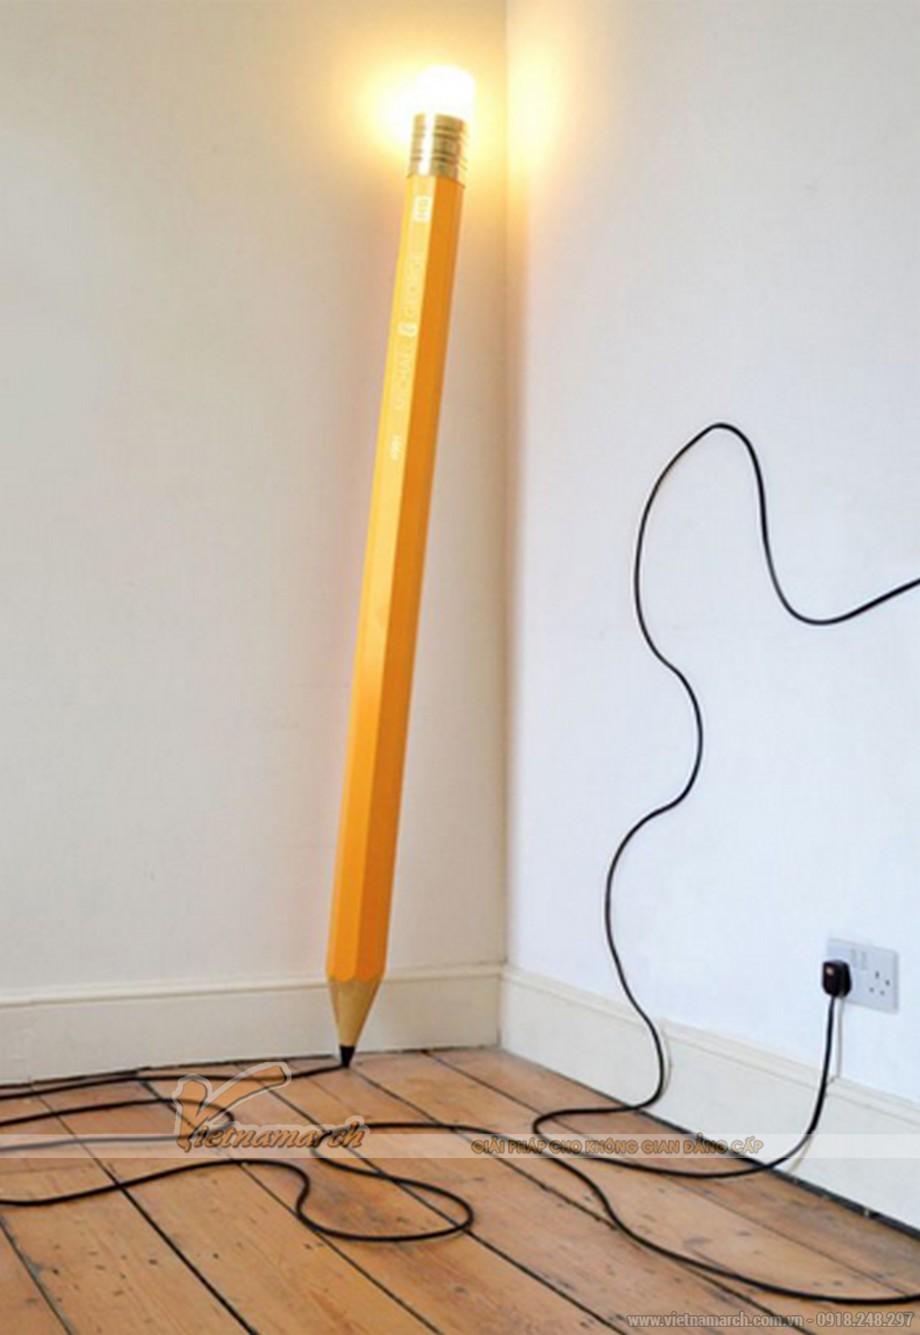 Mẫu đèn trang trí lấy ý tưởng từ cây bút chì độc đáo